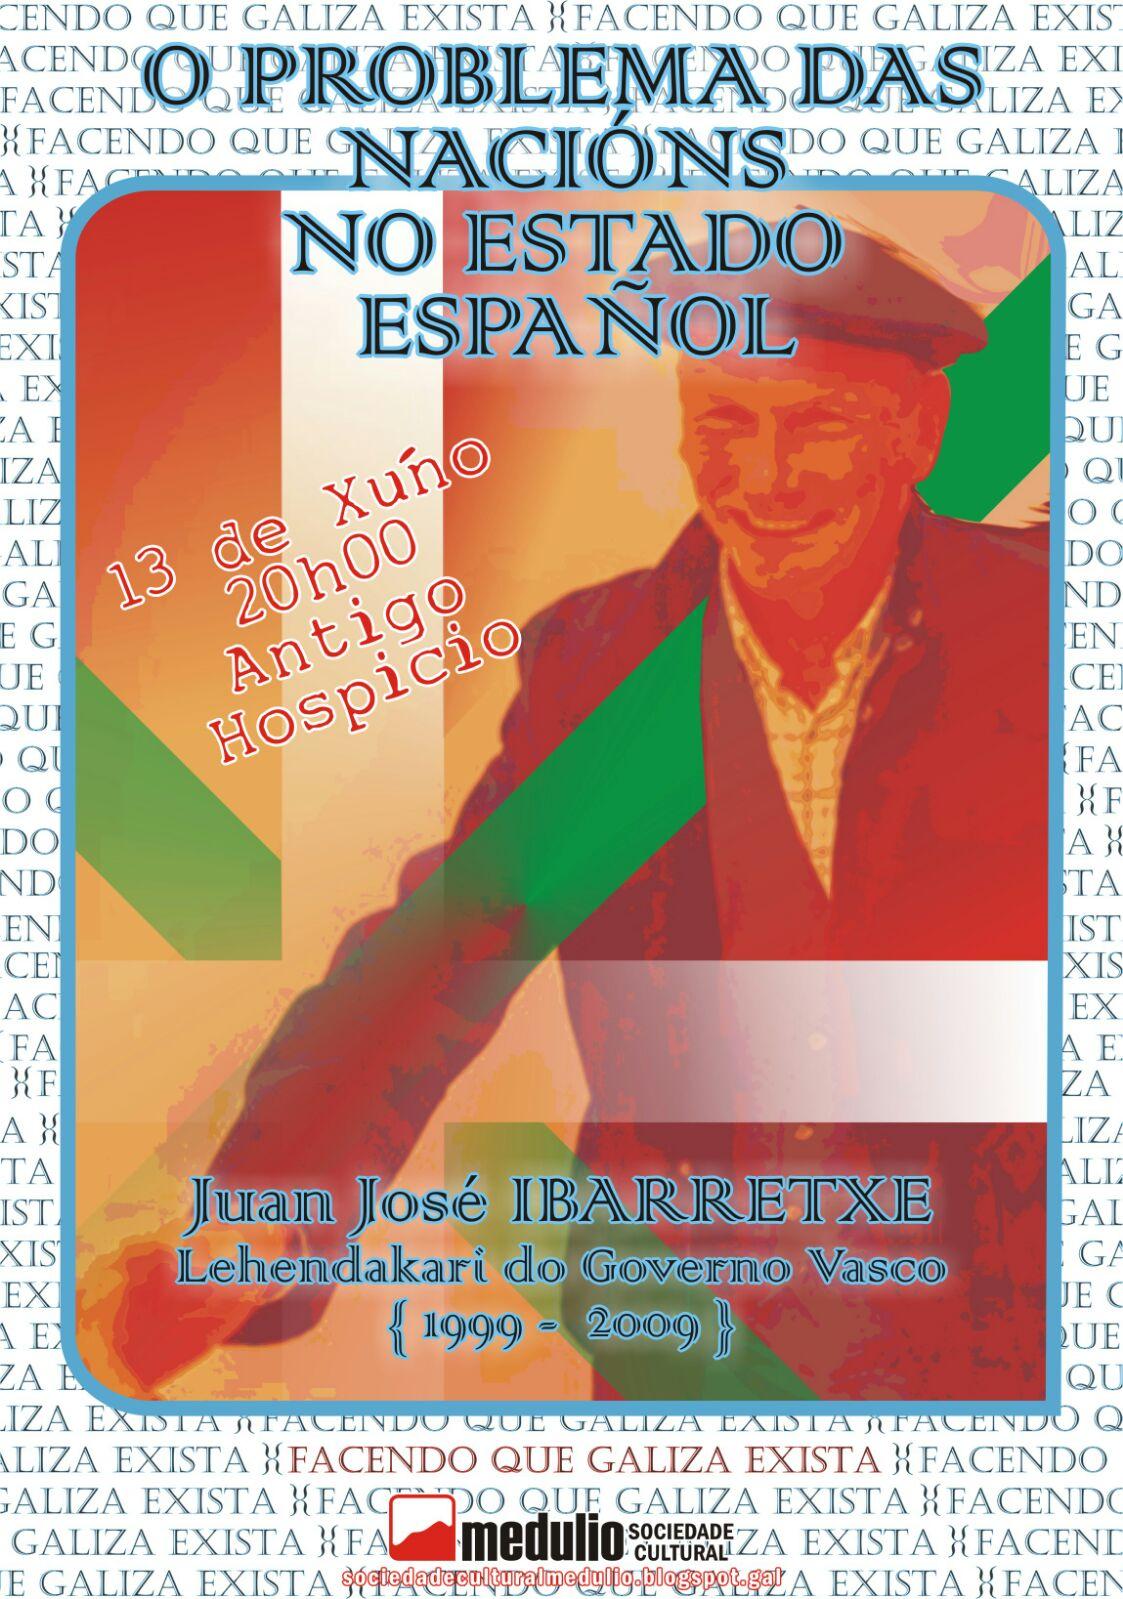 O problema das nacións no Estado español segundo Ibarretxe